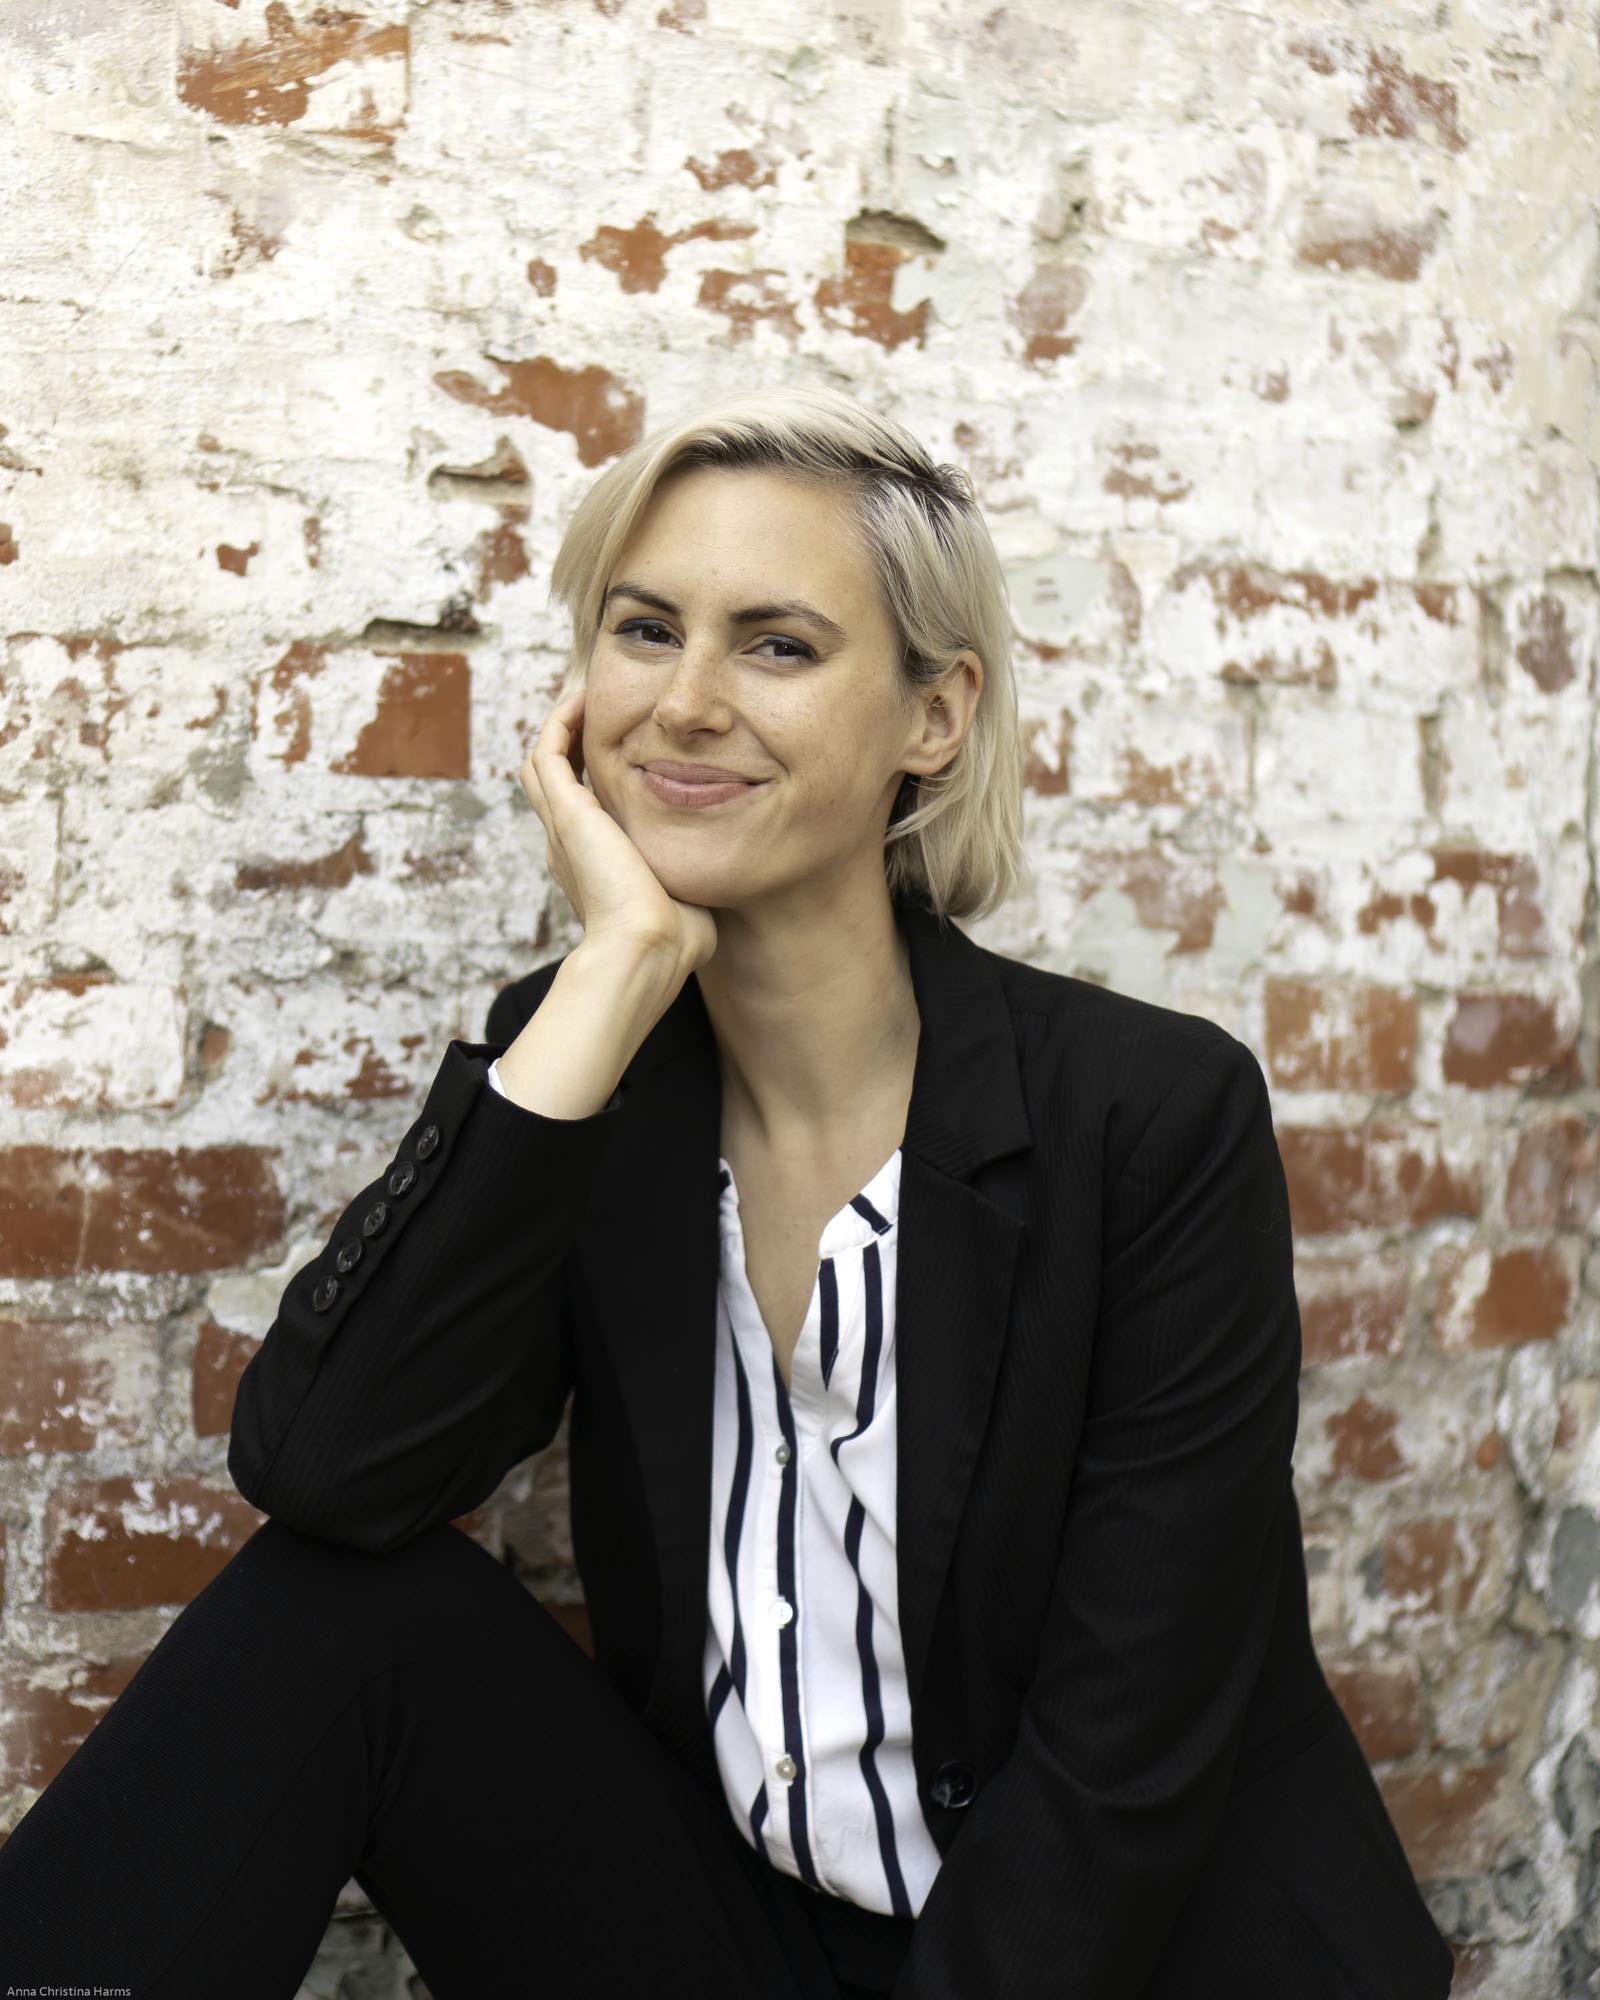 Portraitbild Anna Christina Harms aka goodvibesninja